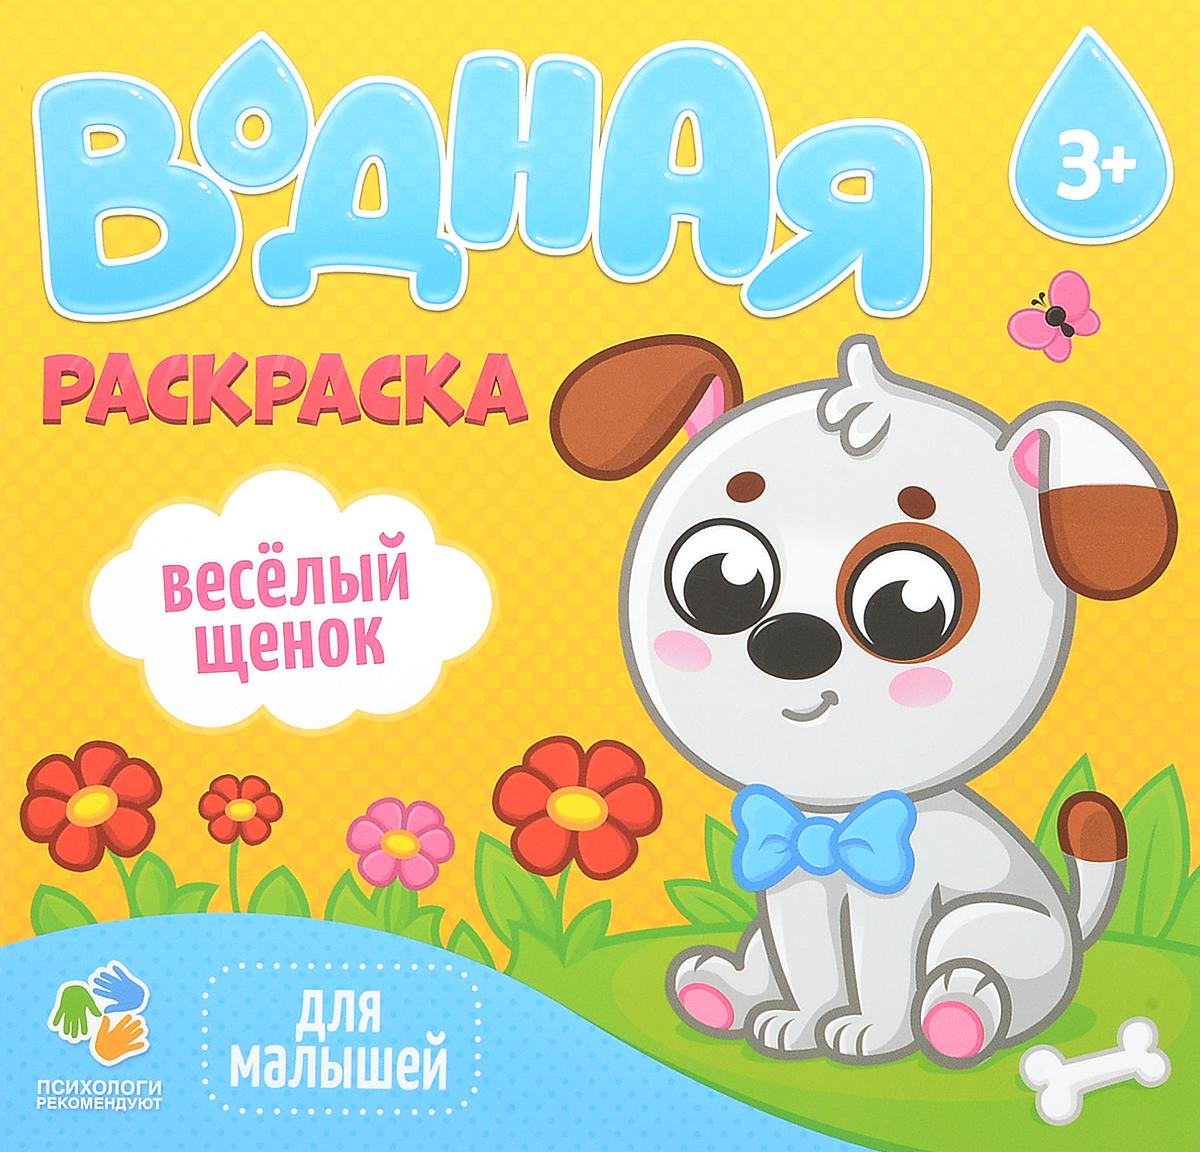 Фото - Веселый щенок. Водная раскраска для малышей водная раскраска для малышей веселый гепард